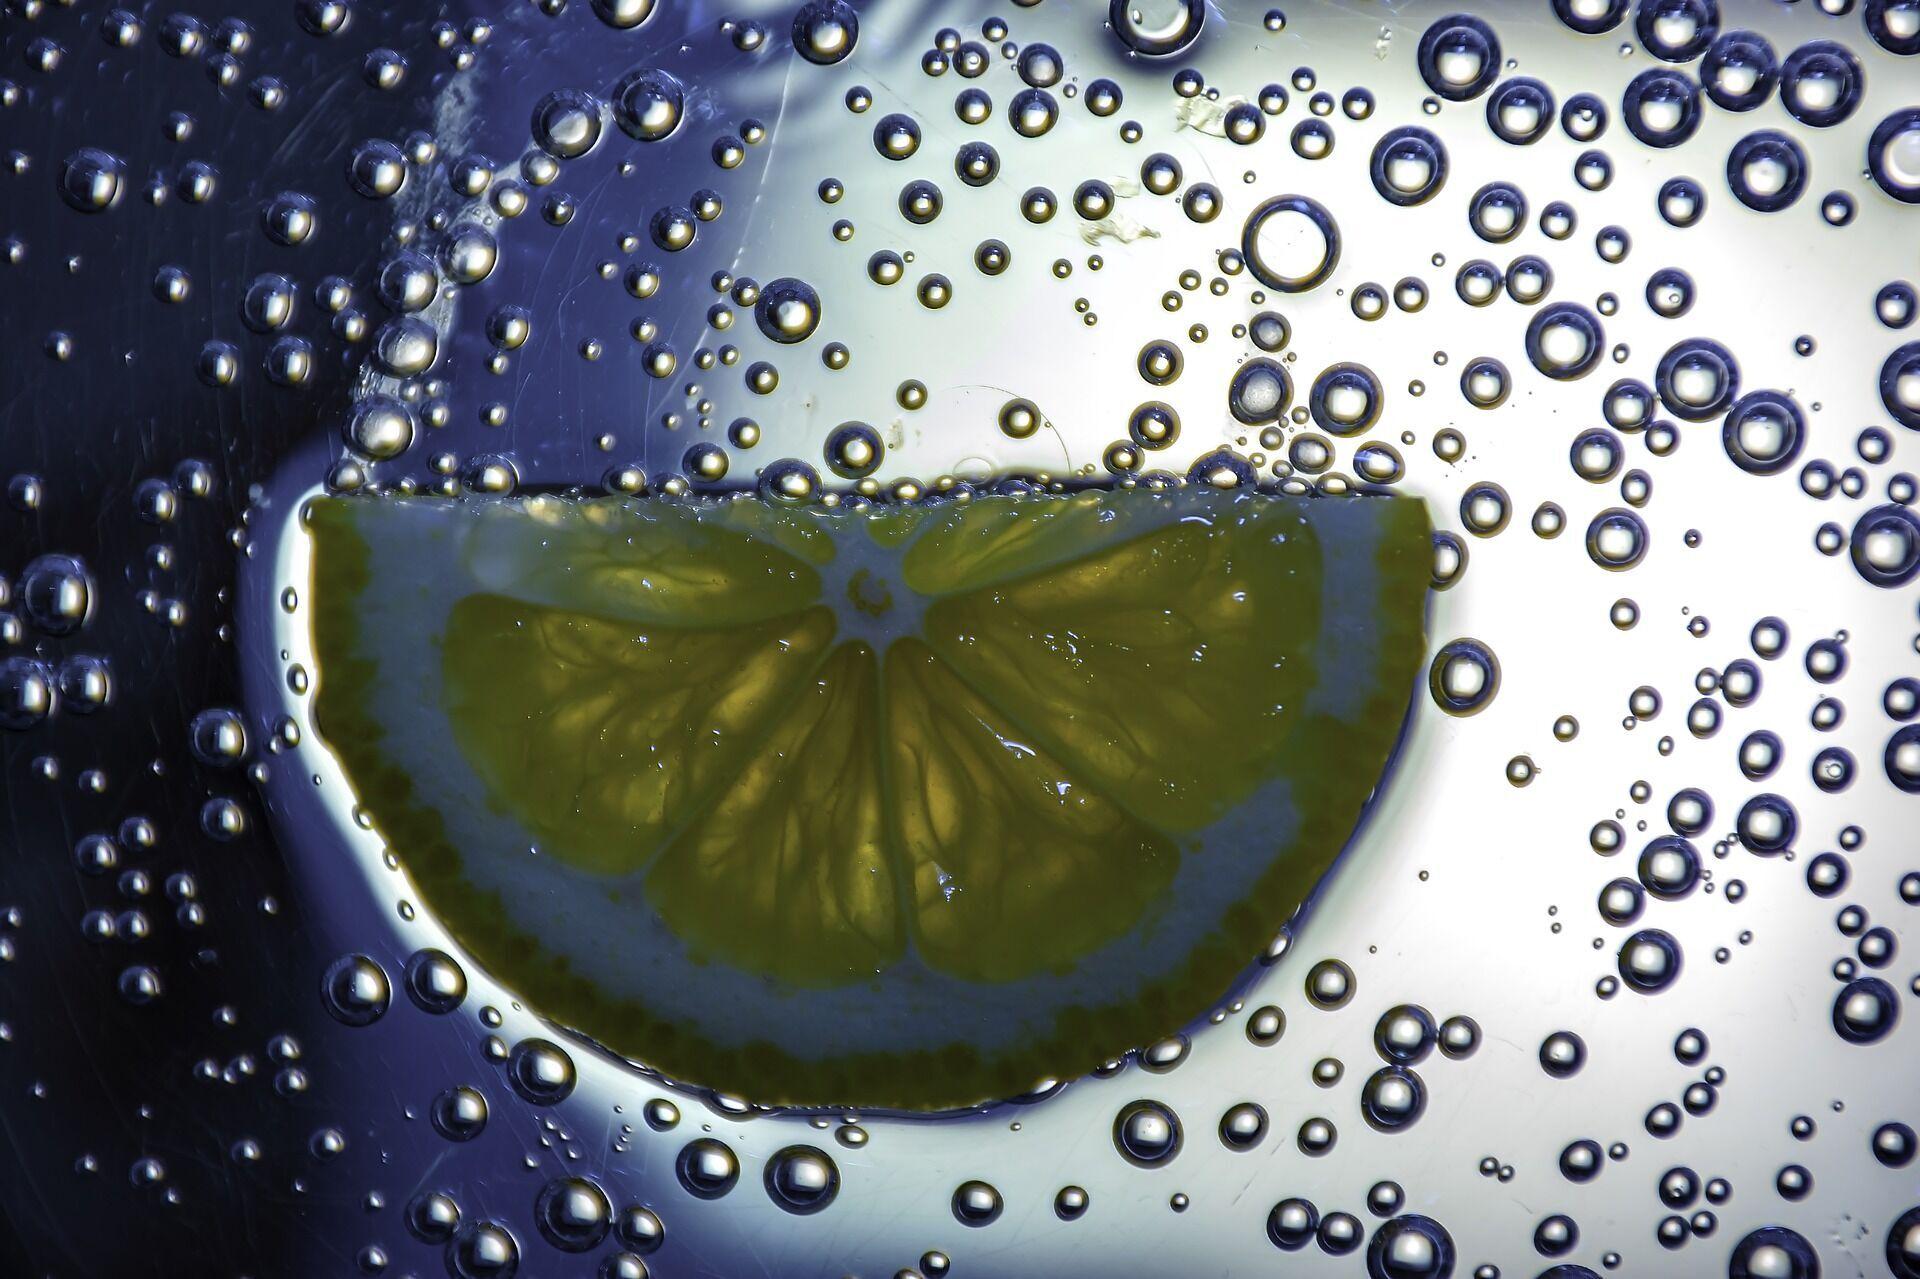 В лимонной воде много витамина С